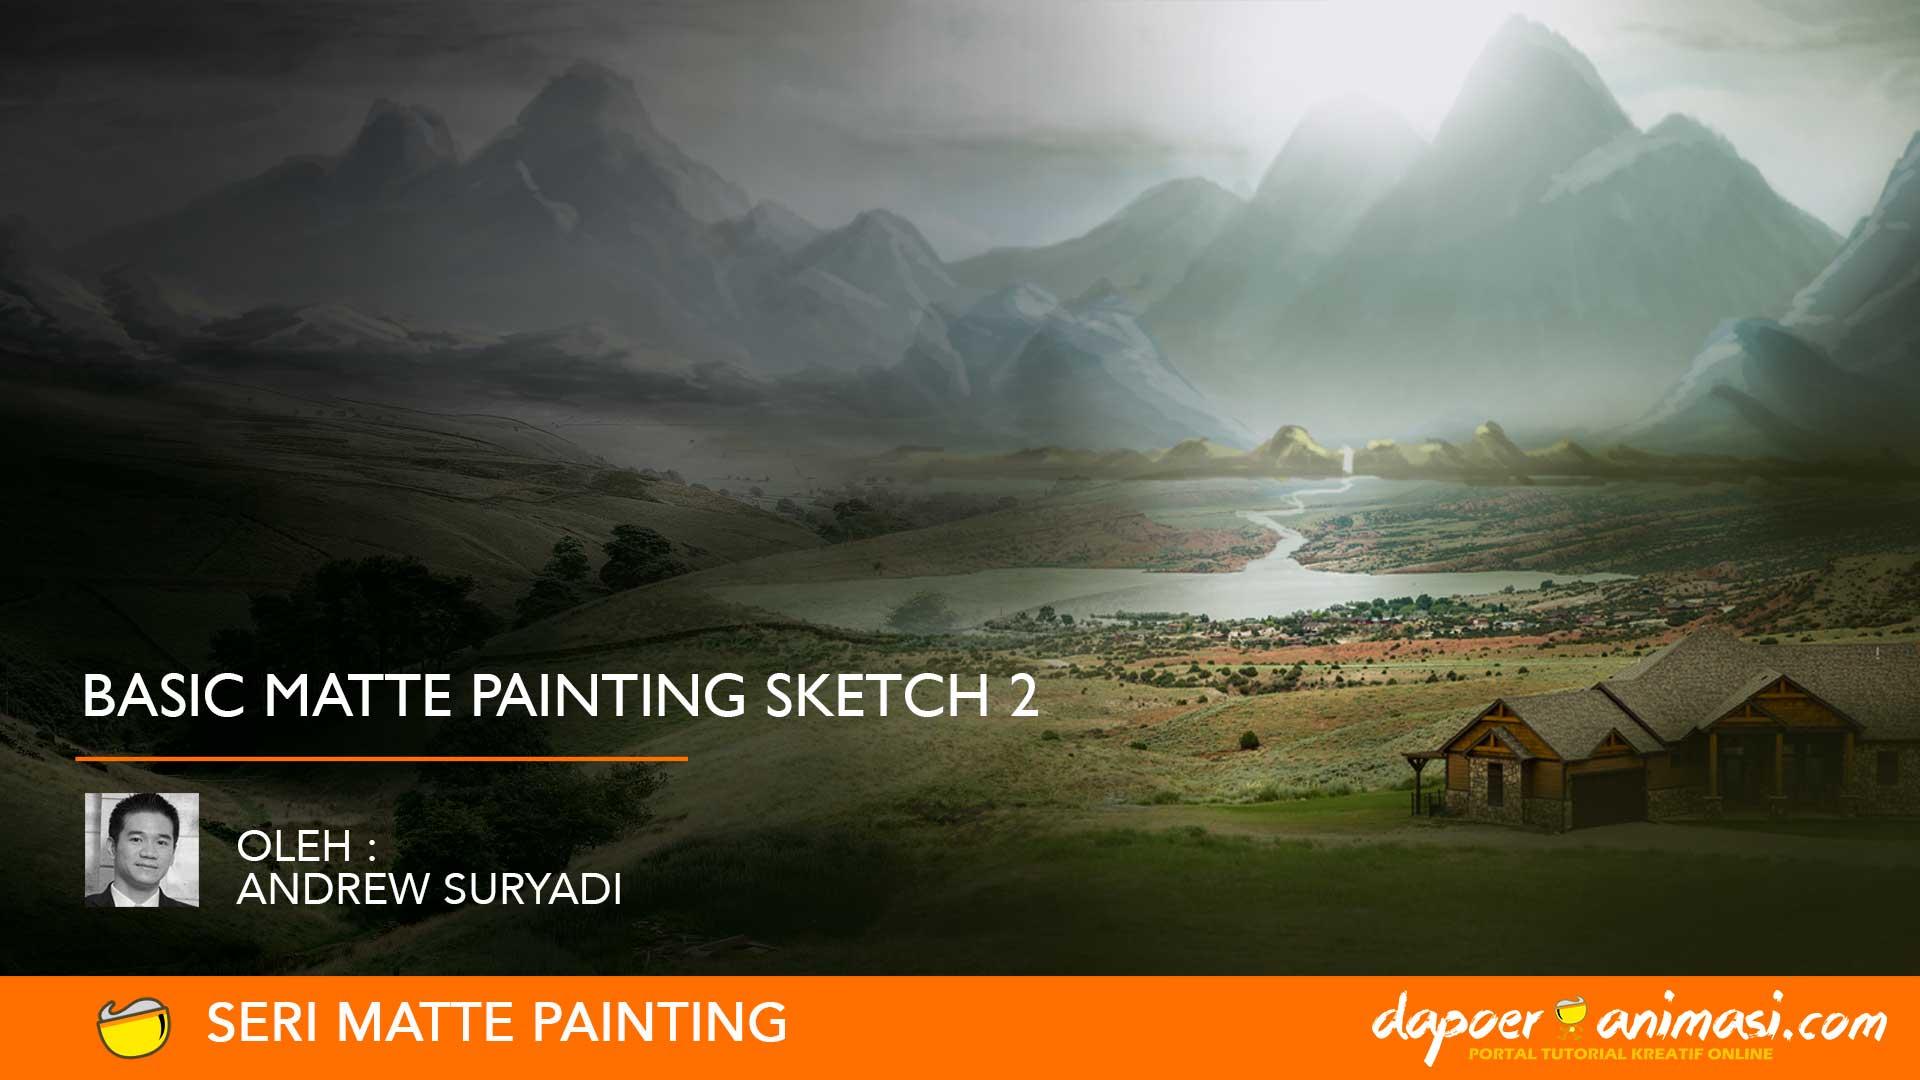 Dapoer Animasi : Basic Matte Painting Sketch 2